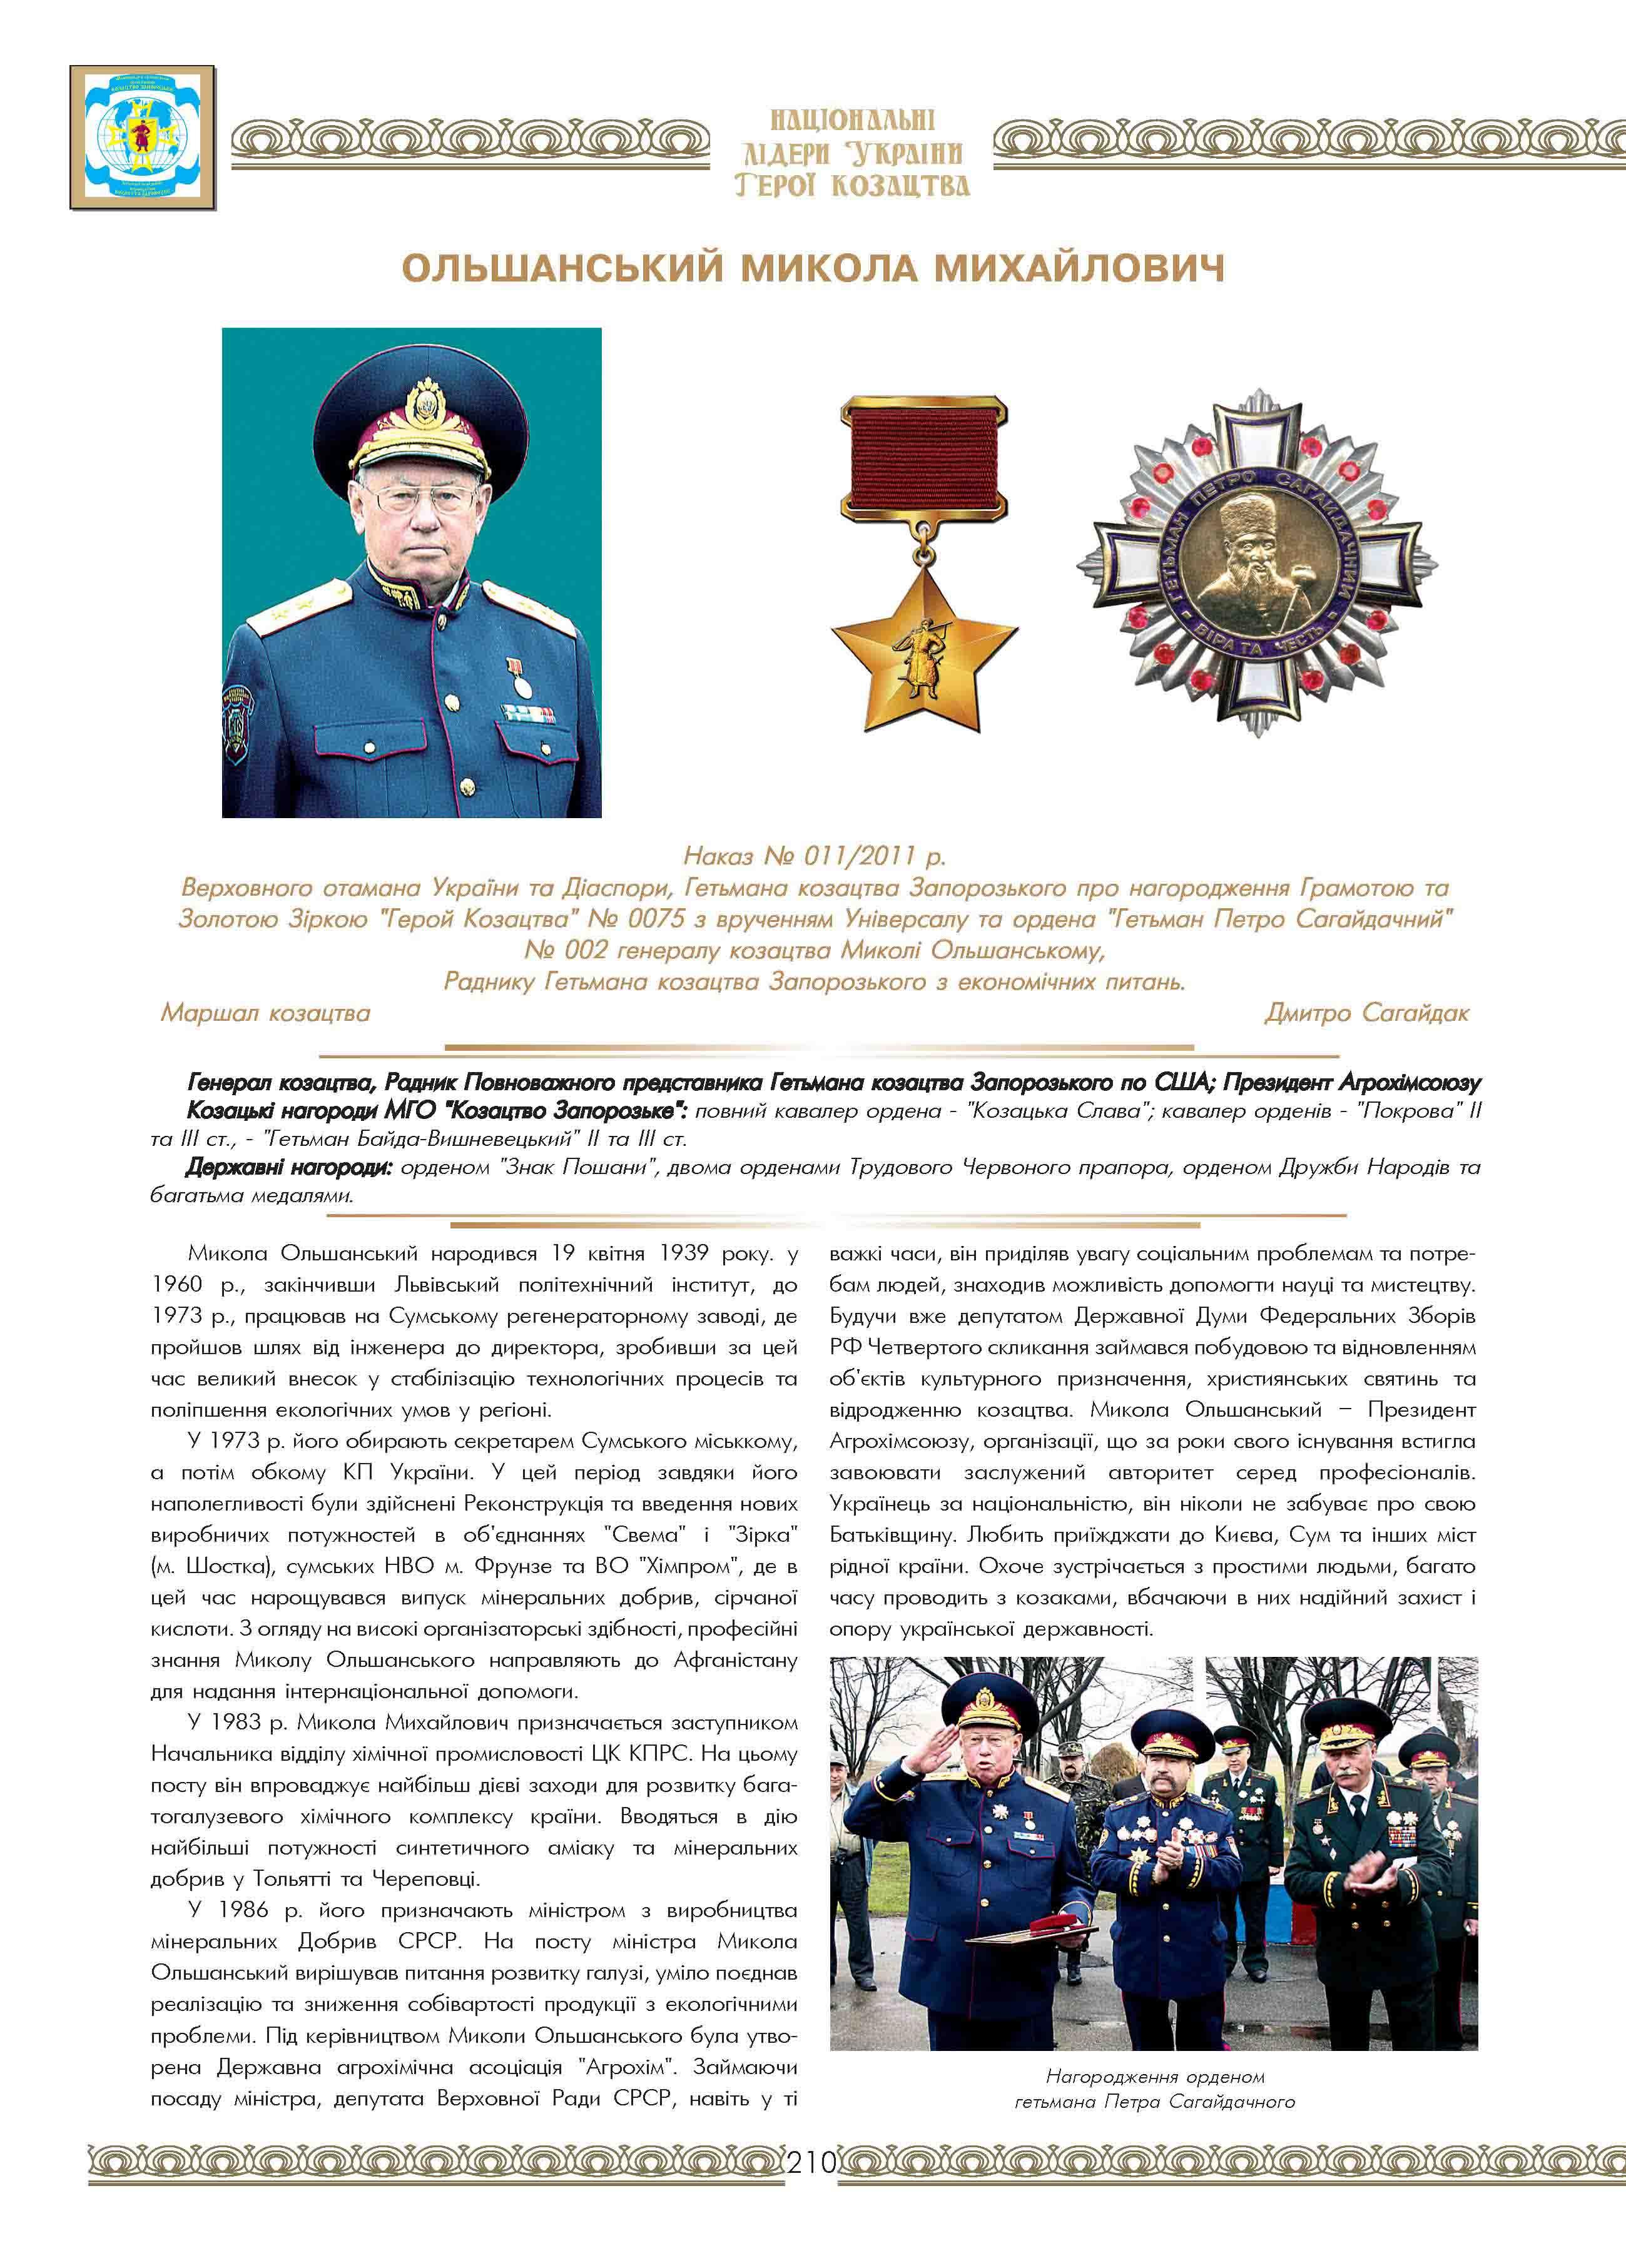 Ольшанський Микола Михайлович